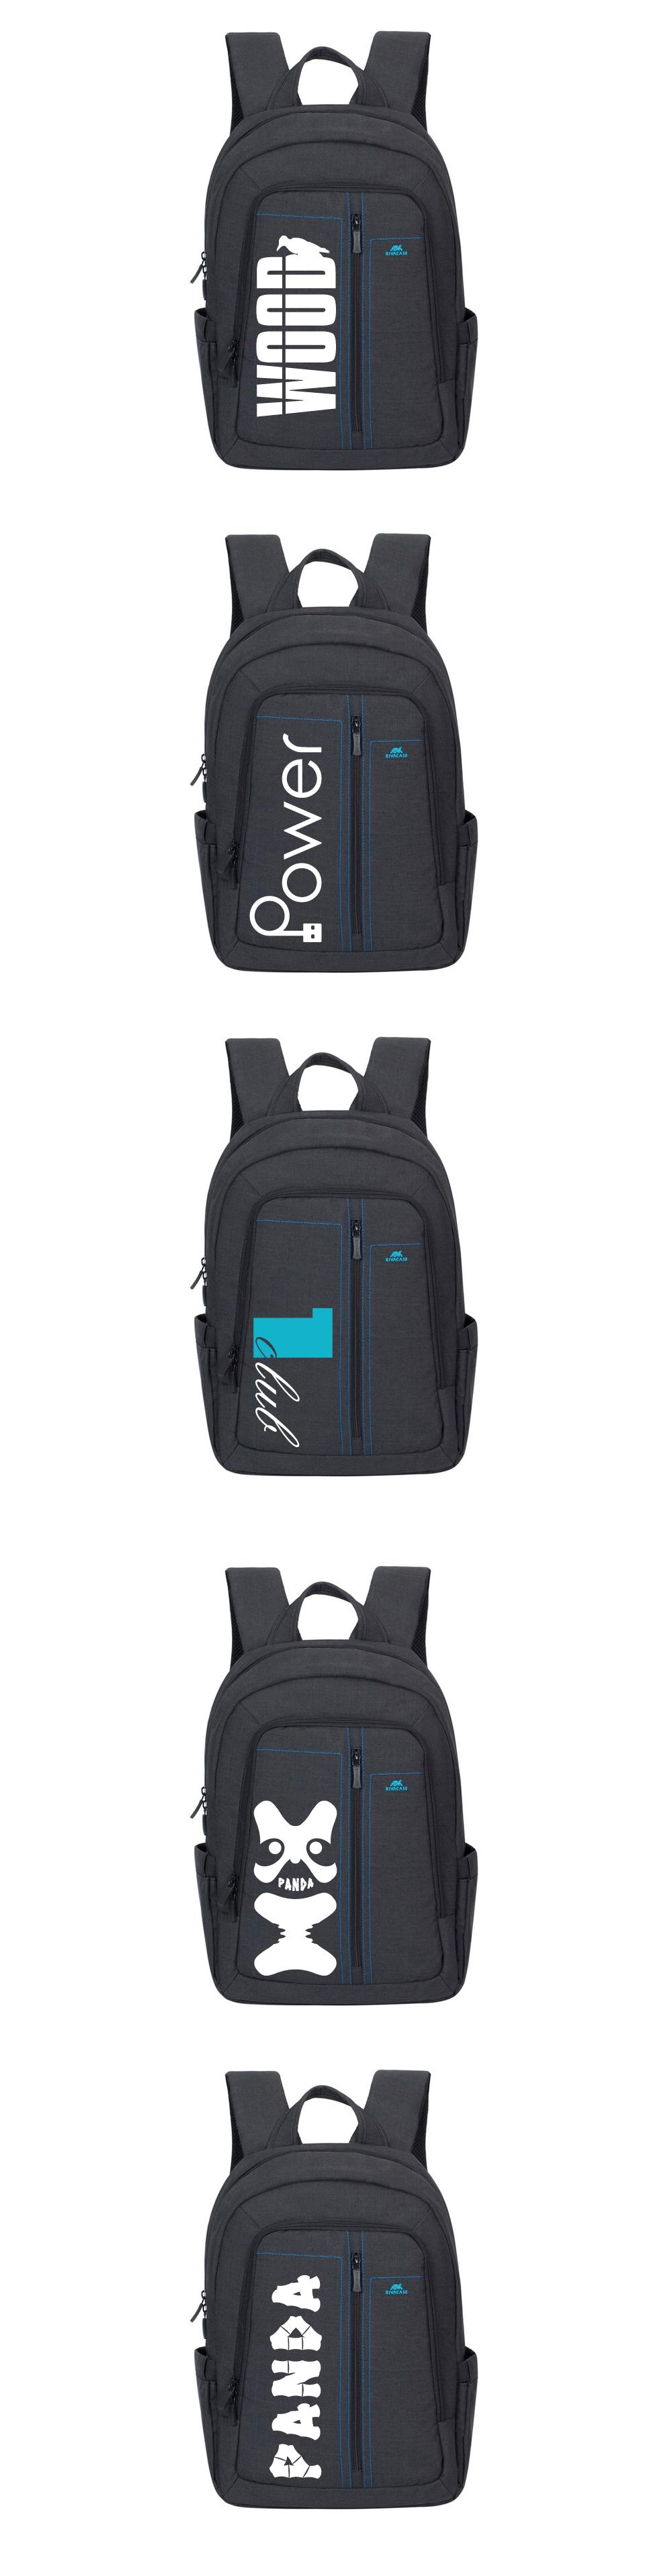 Конкурс на создание оригинального принта для рюкзаков фото f_0535f8d355934c15.jpg